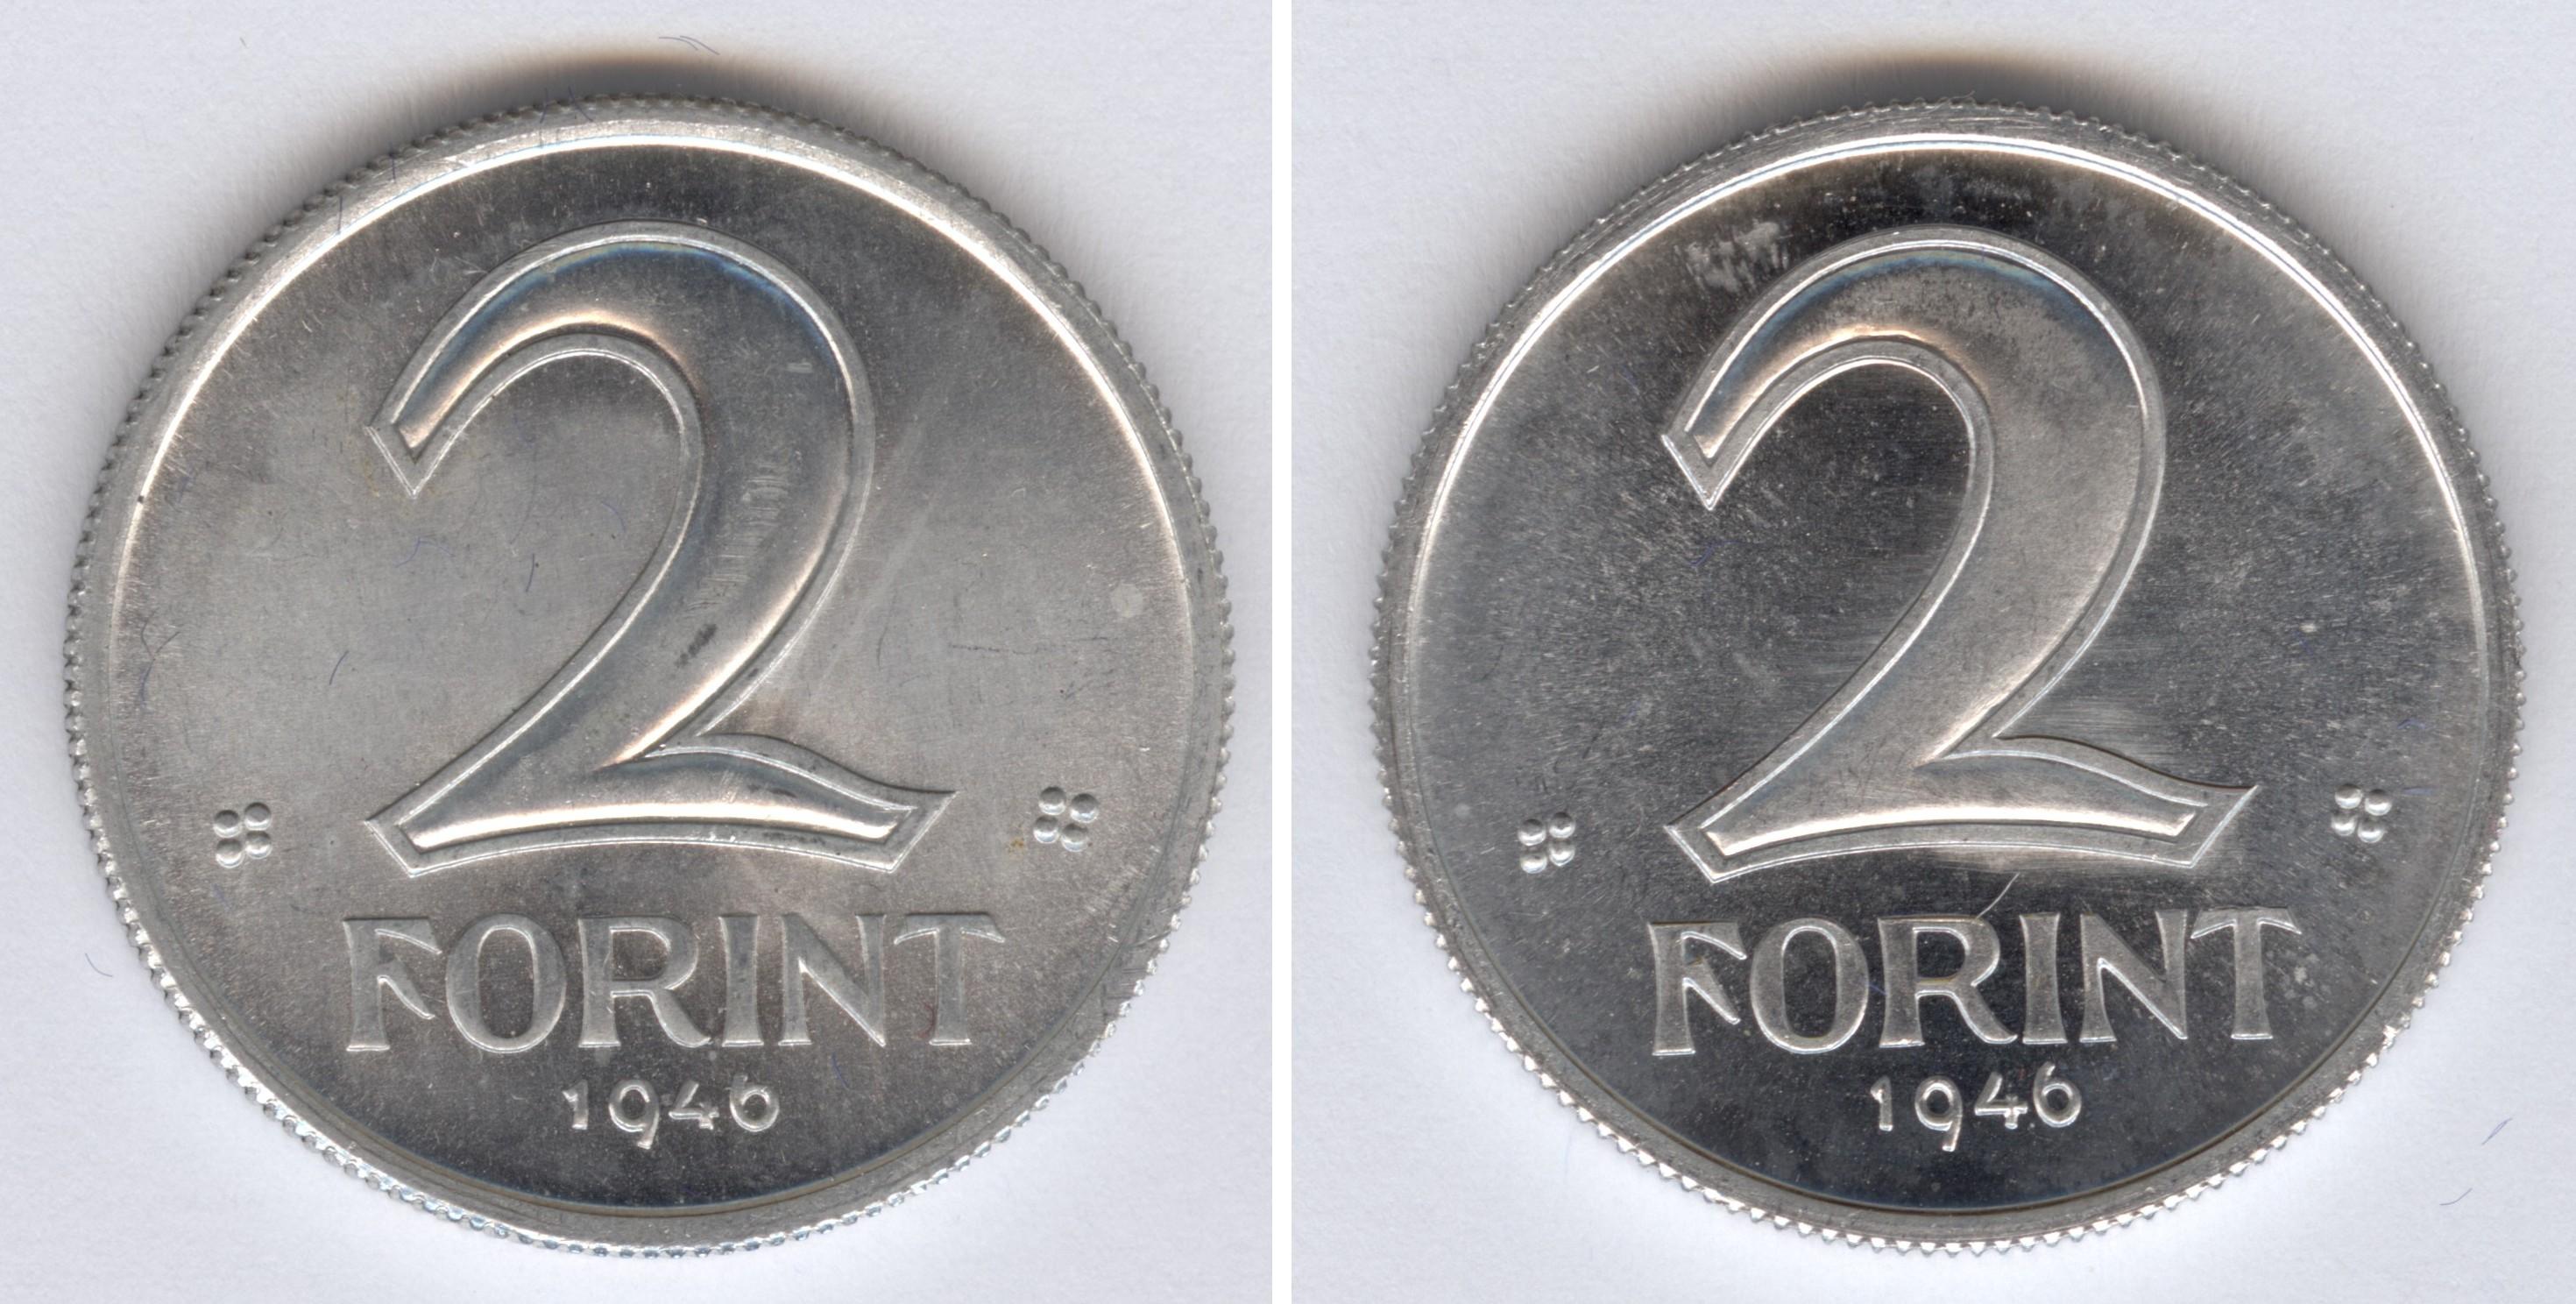 http://www.forintportal.hu/hirek/1946-os-2-forint-eredeti-es-az-artex-utanveret/1946-os-2-forint-eredeti-es-az-artex-utanveret_ketto-egyutt_nagy.jpg